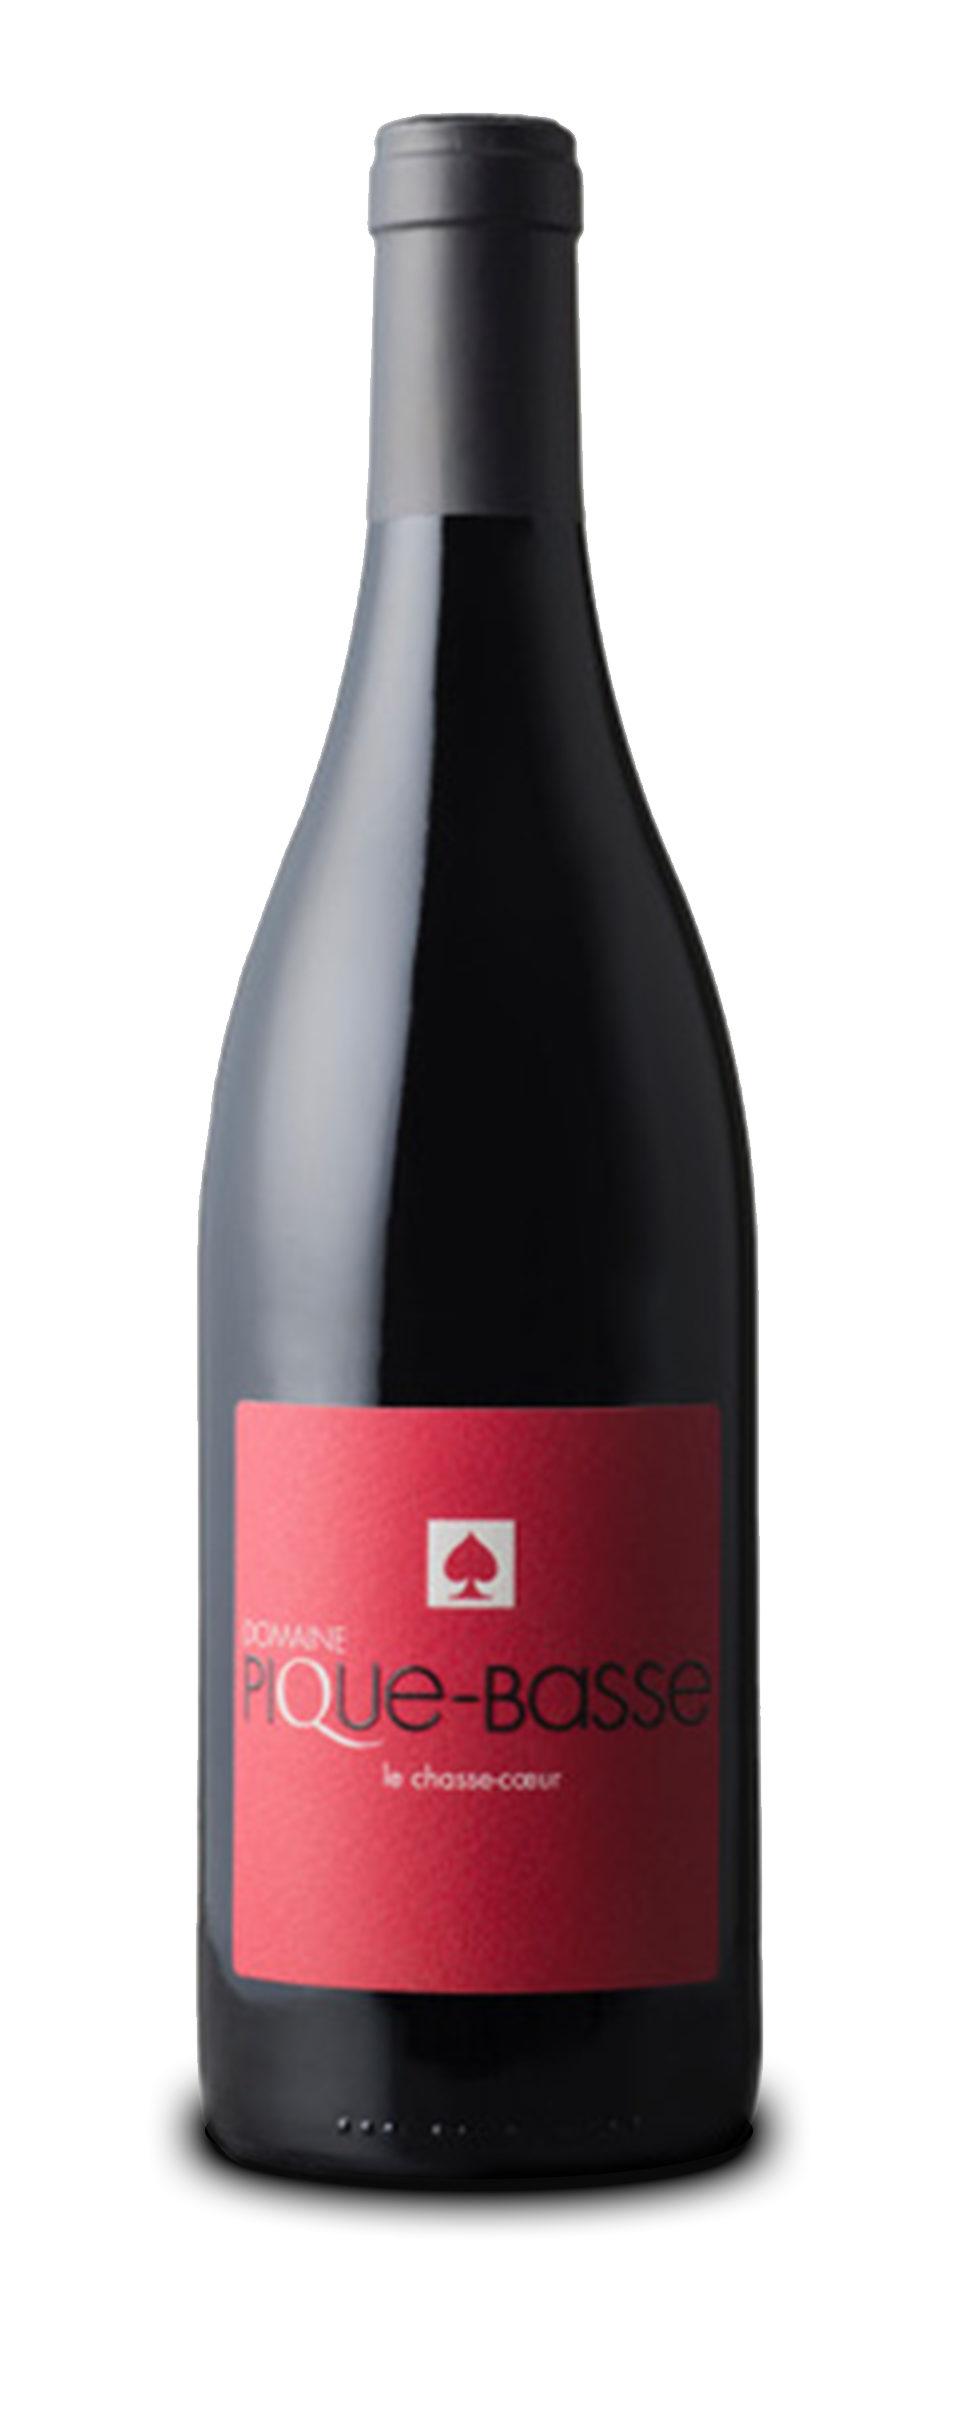 Wines Domaine Pique Basse